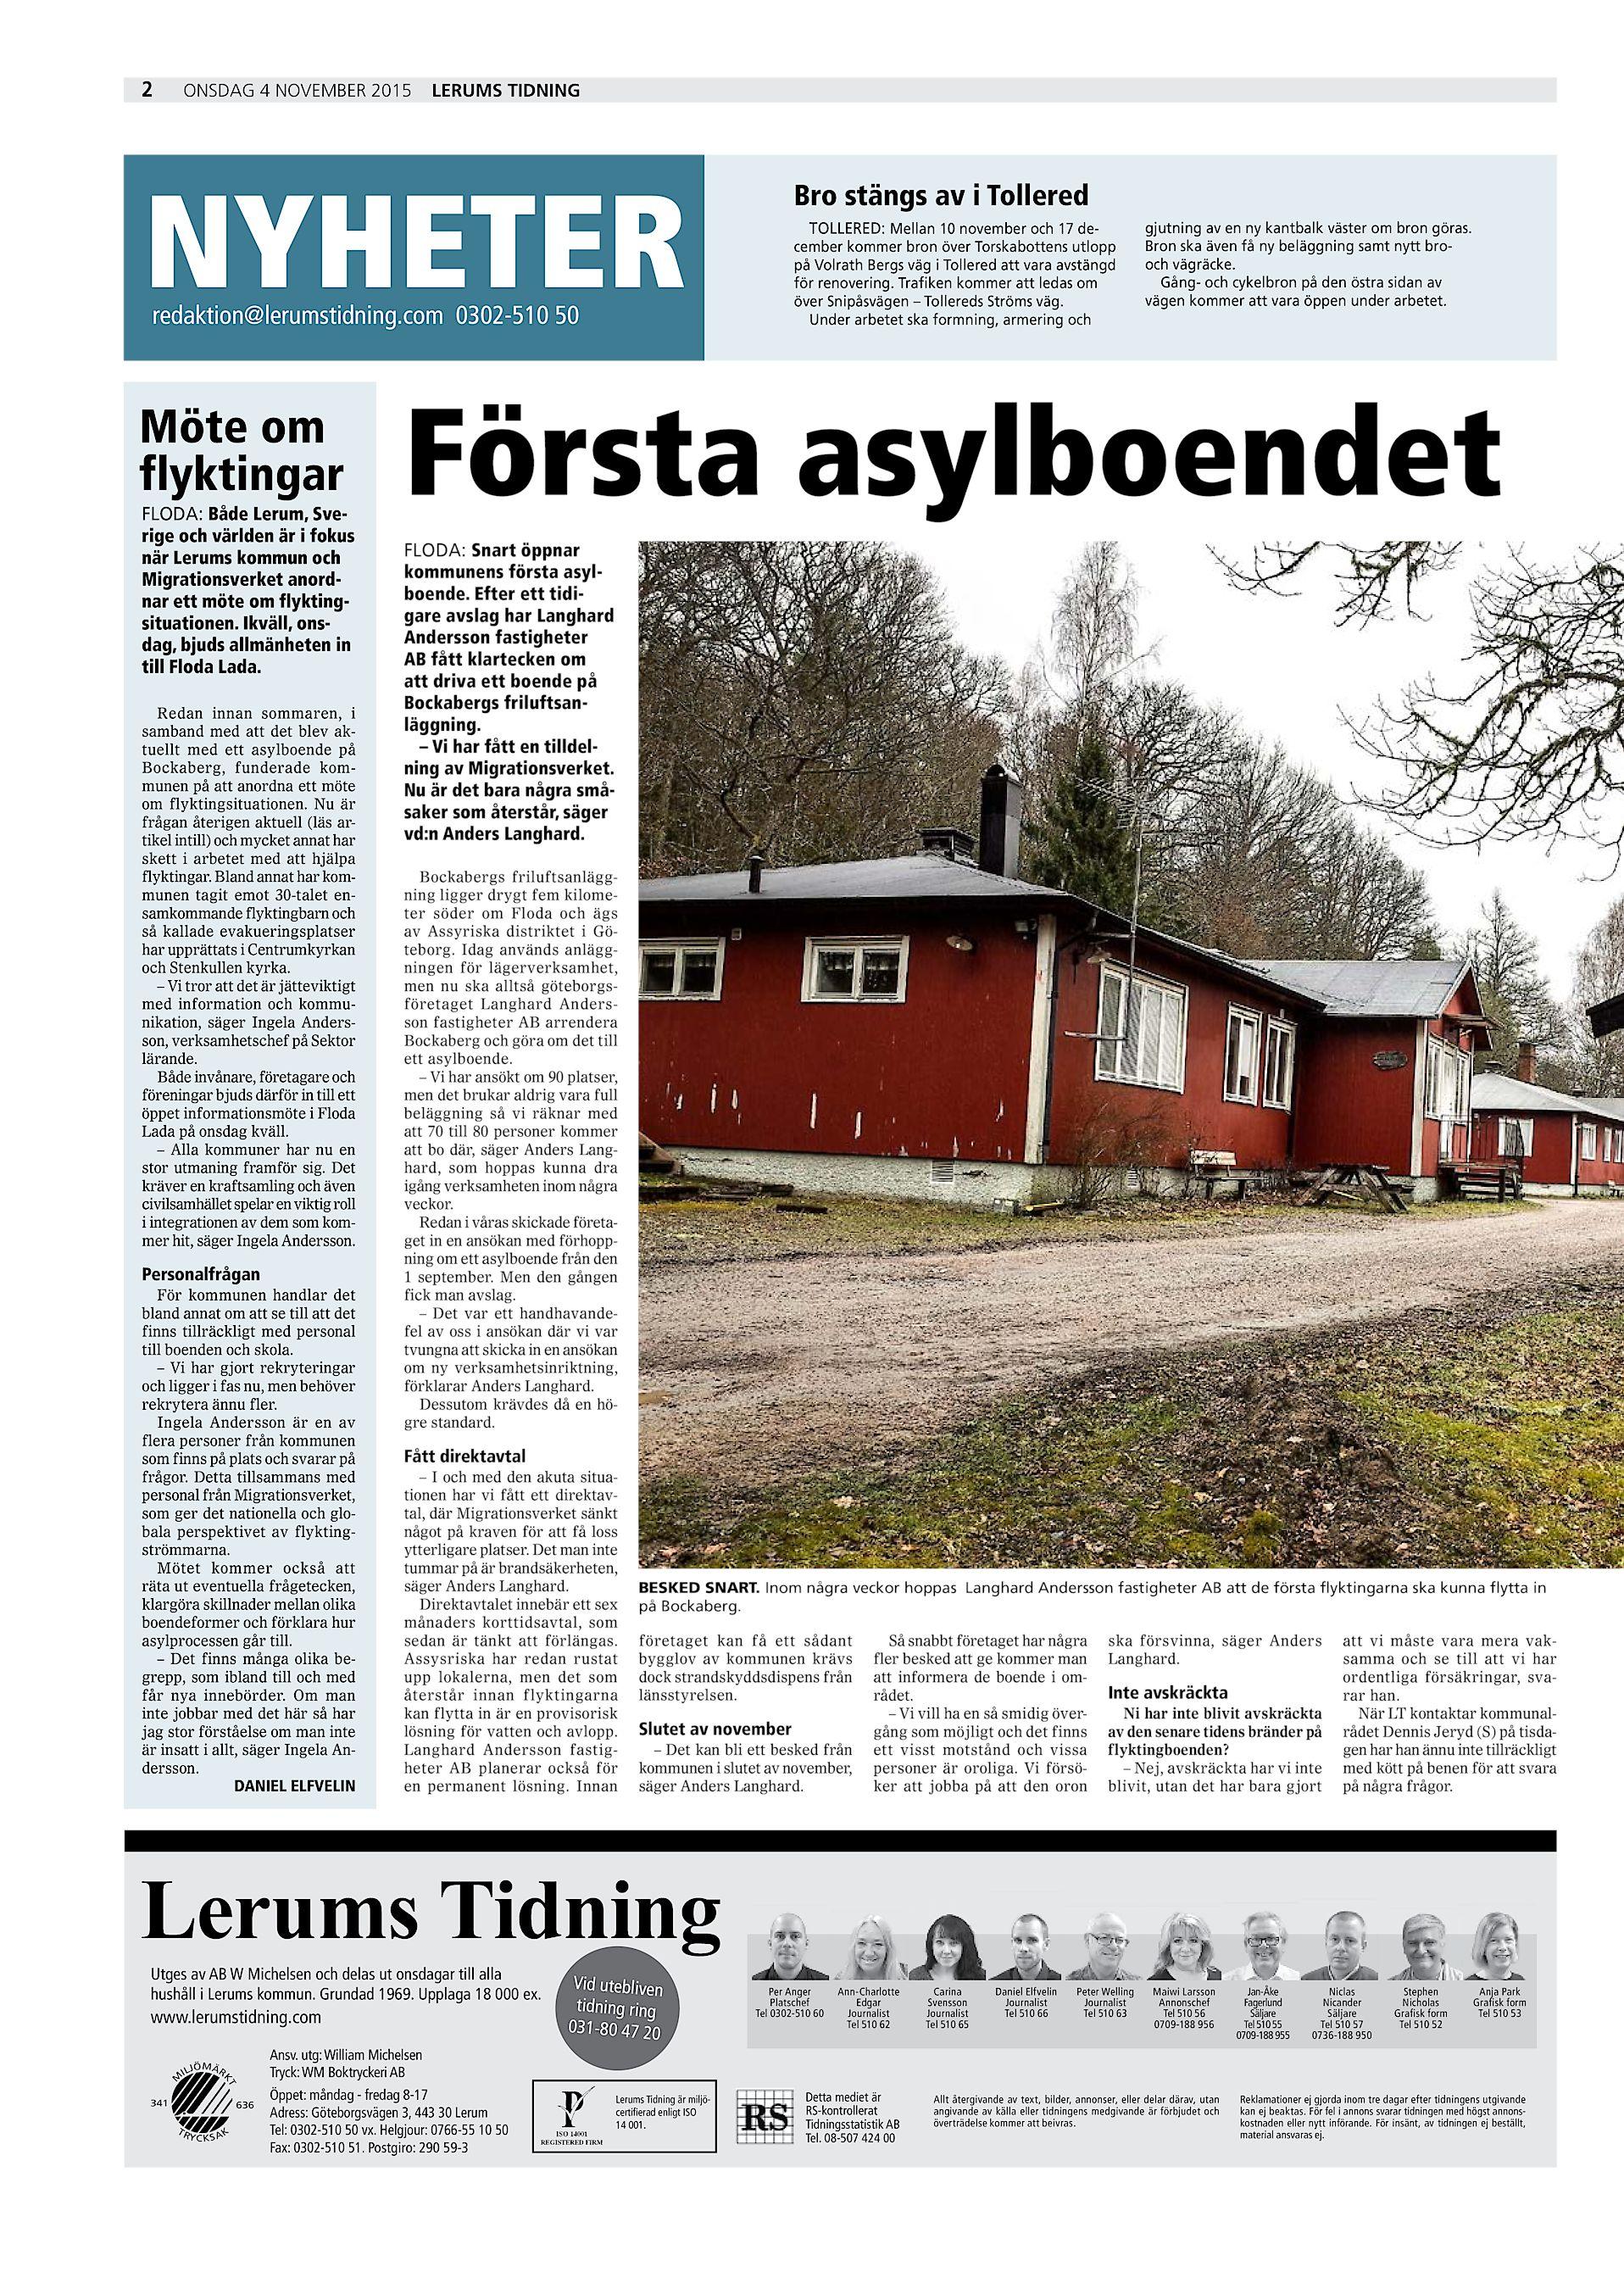 fecb8d0a03ad 2 onsdag 4 november 2015 Lerums Tidning NYHETER Bro stängs av i Tollered  TOLLERED: Mellan 10 november och 17 december kommer bron över Torskabottens  utlopp ...